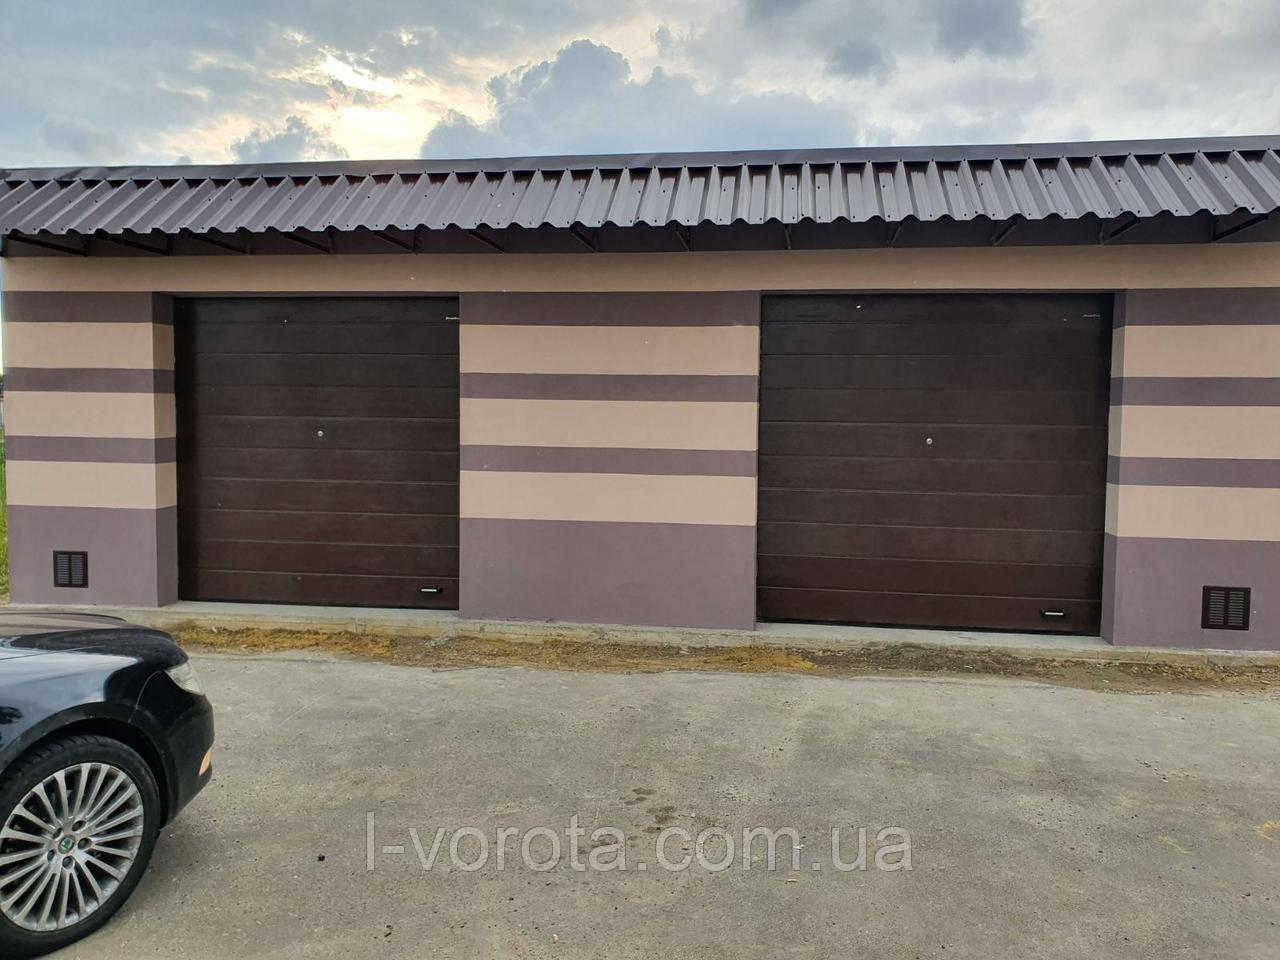 Ворота гаражные секционные DoorHan 2500*2500 (коричневый цвет)